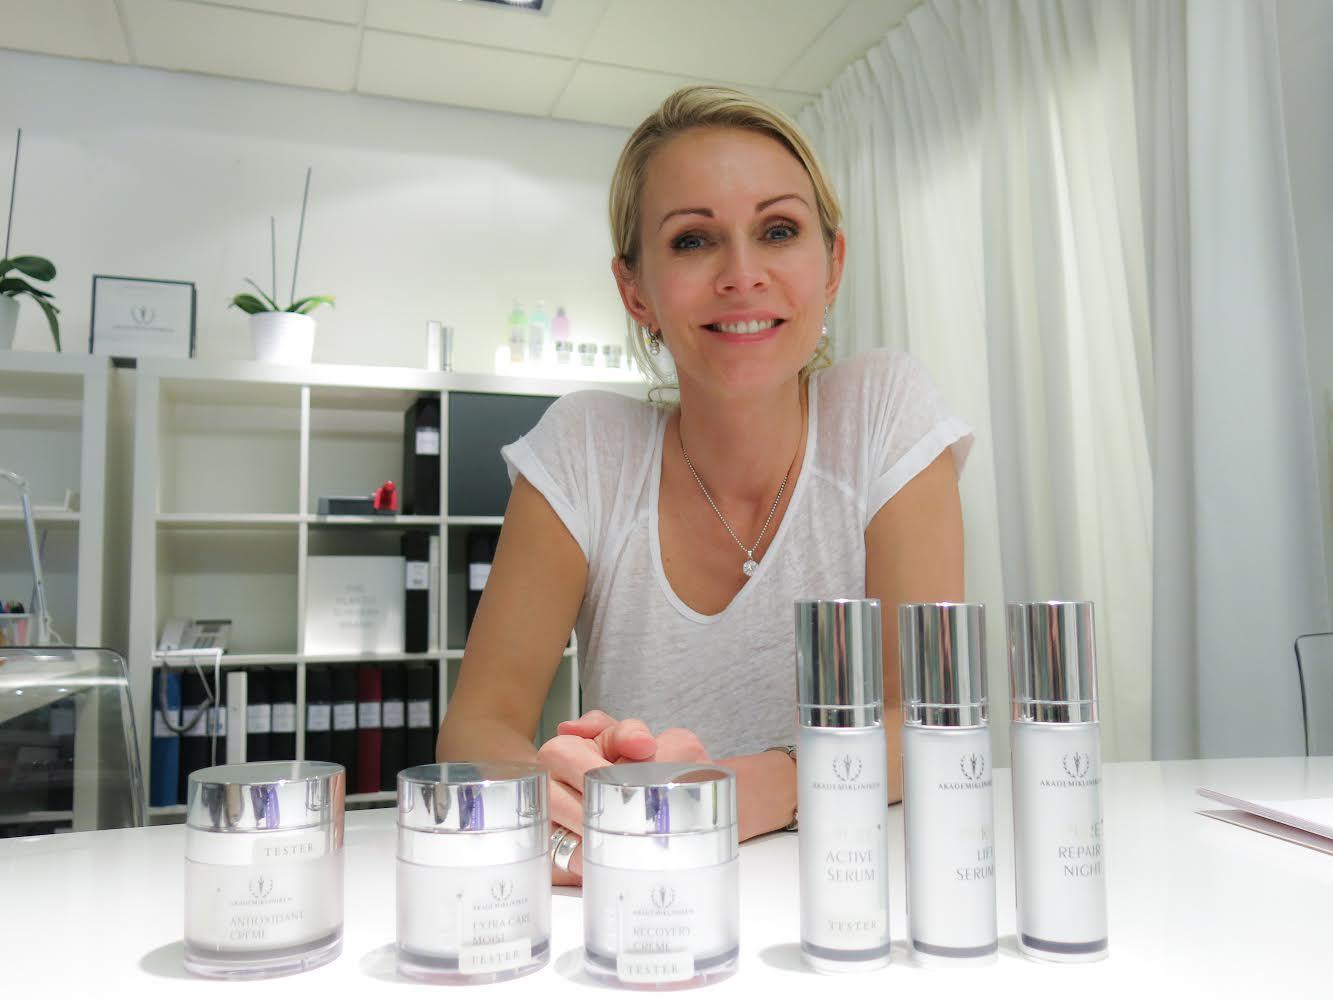 Sara Lidback är ansvarig för Akademiklinikens produktutveckling när det kommer till hudvård och en av föreläsarna på Daisy Beautys skönhetskonferens i London 2014